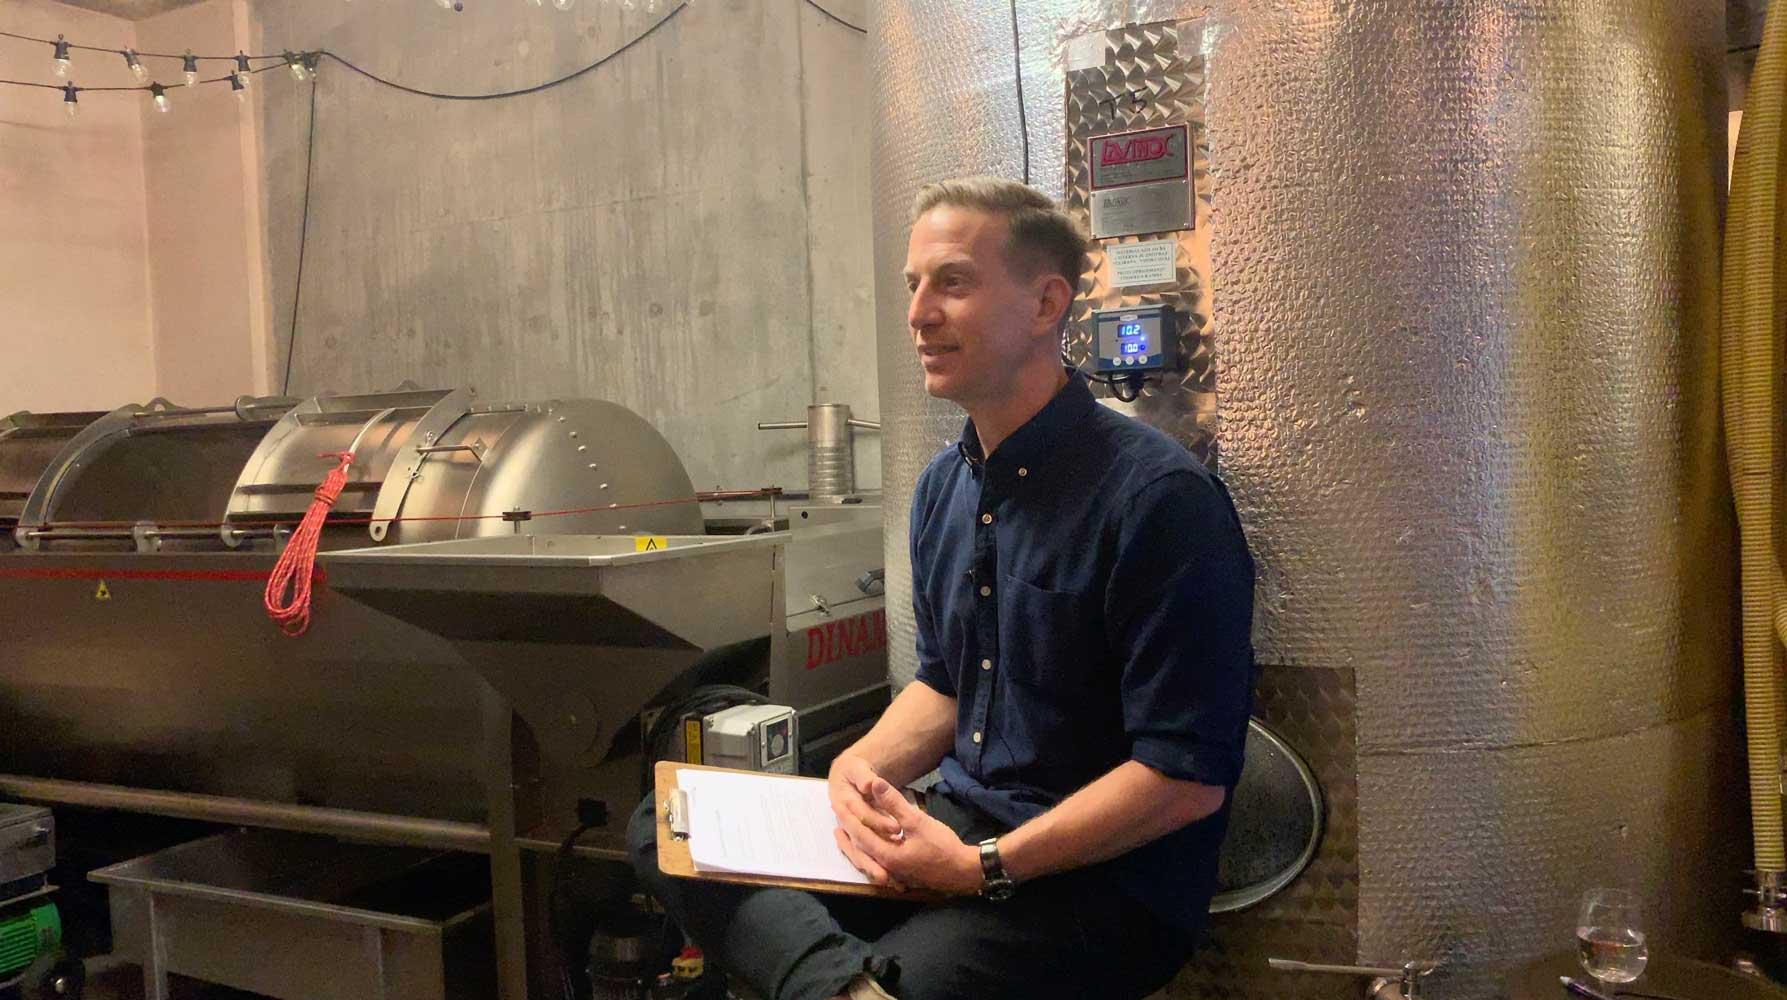 Gavin Monery making wines in the heart of London!